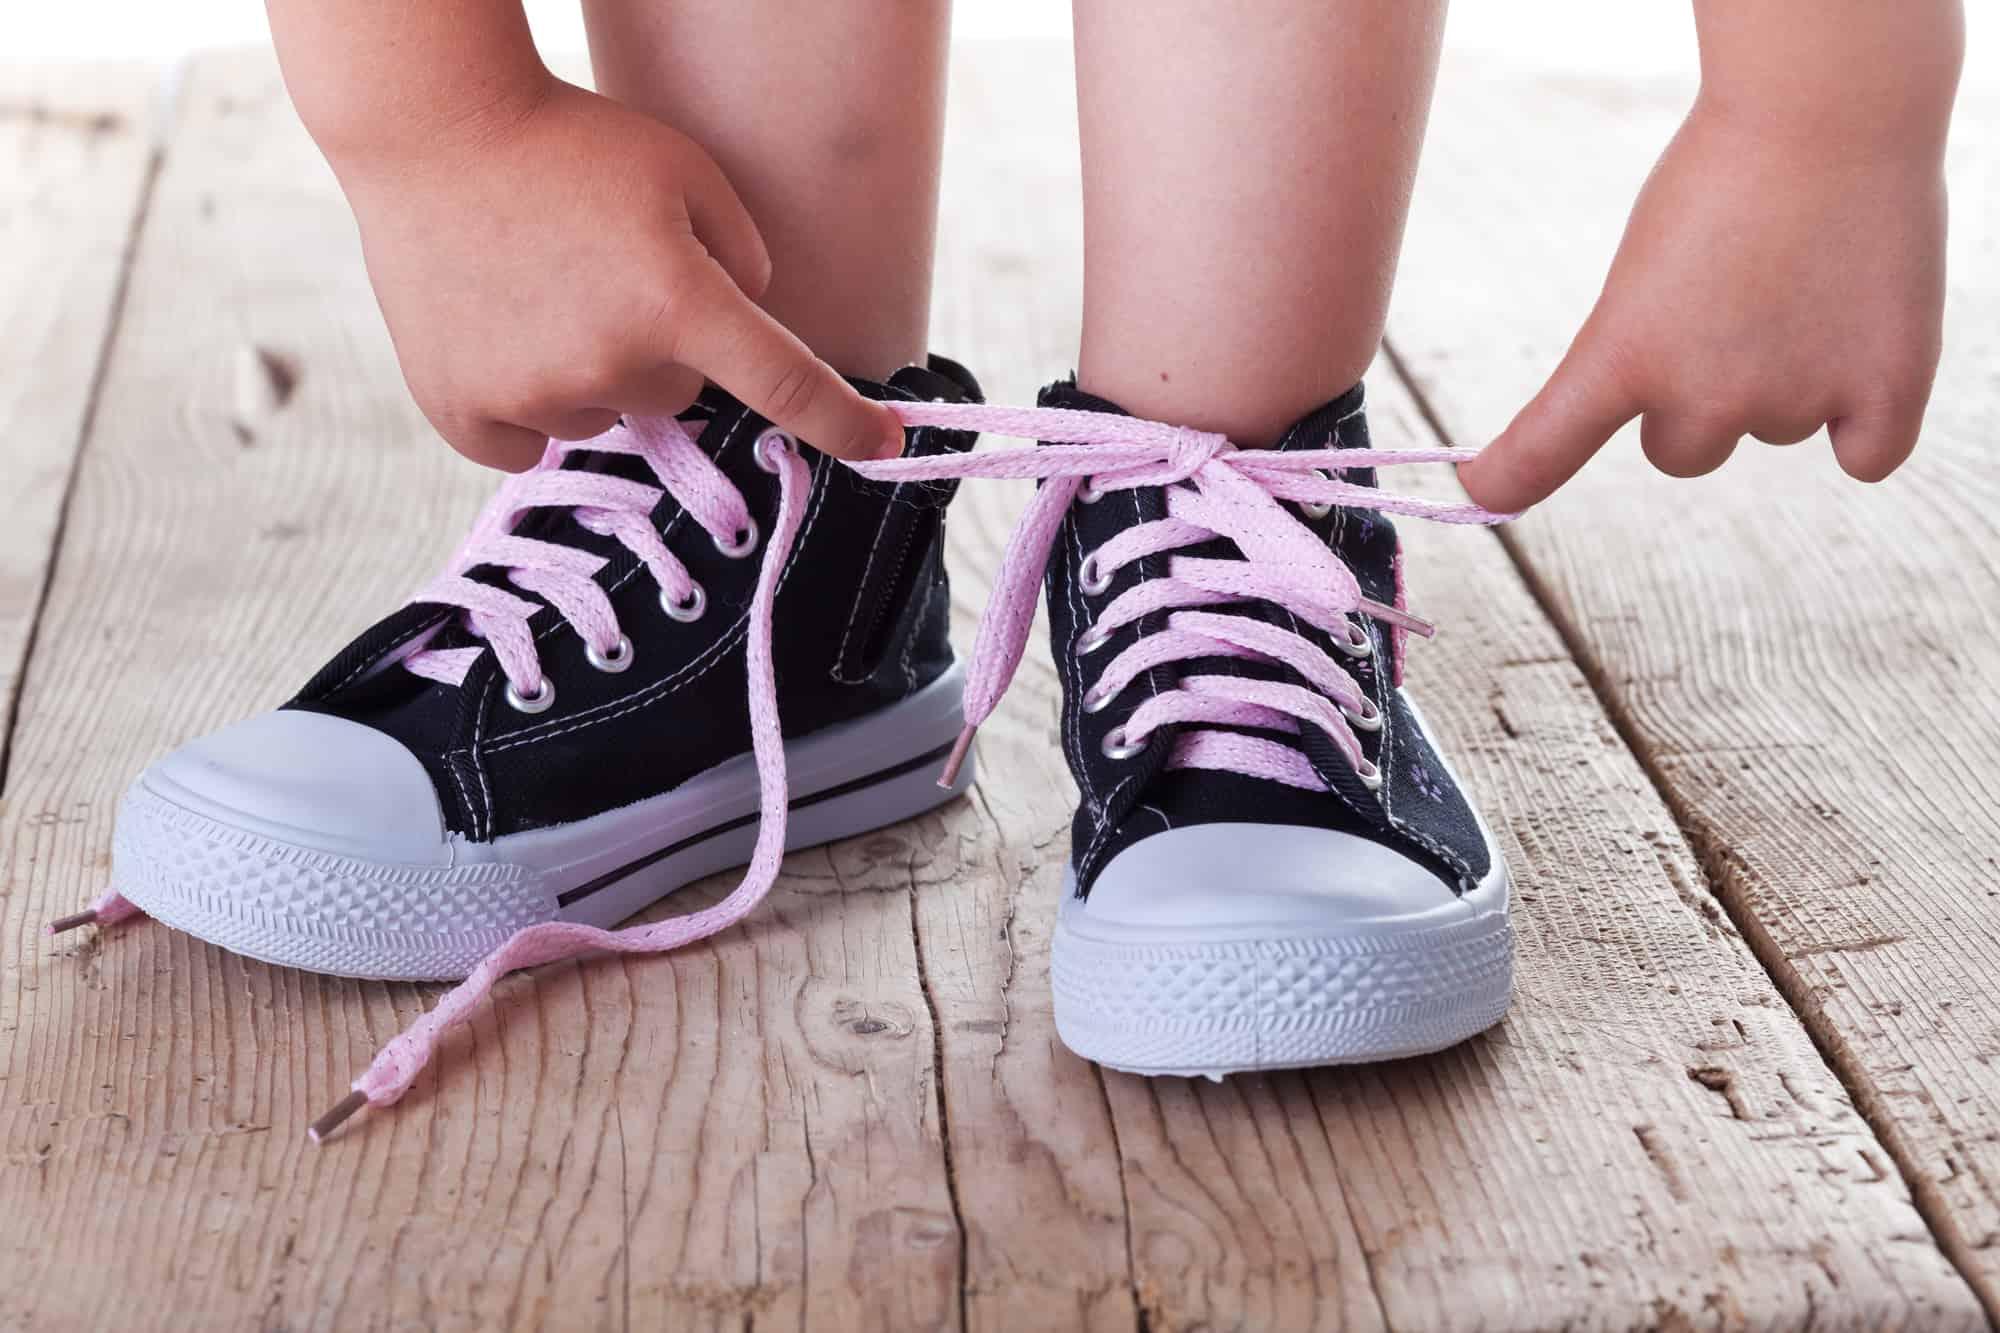 7 Tips for Choosing Shoes for Children